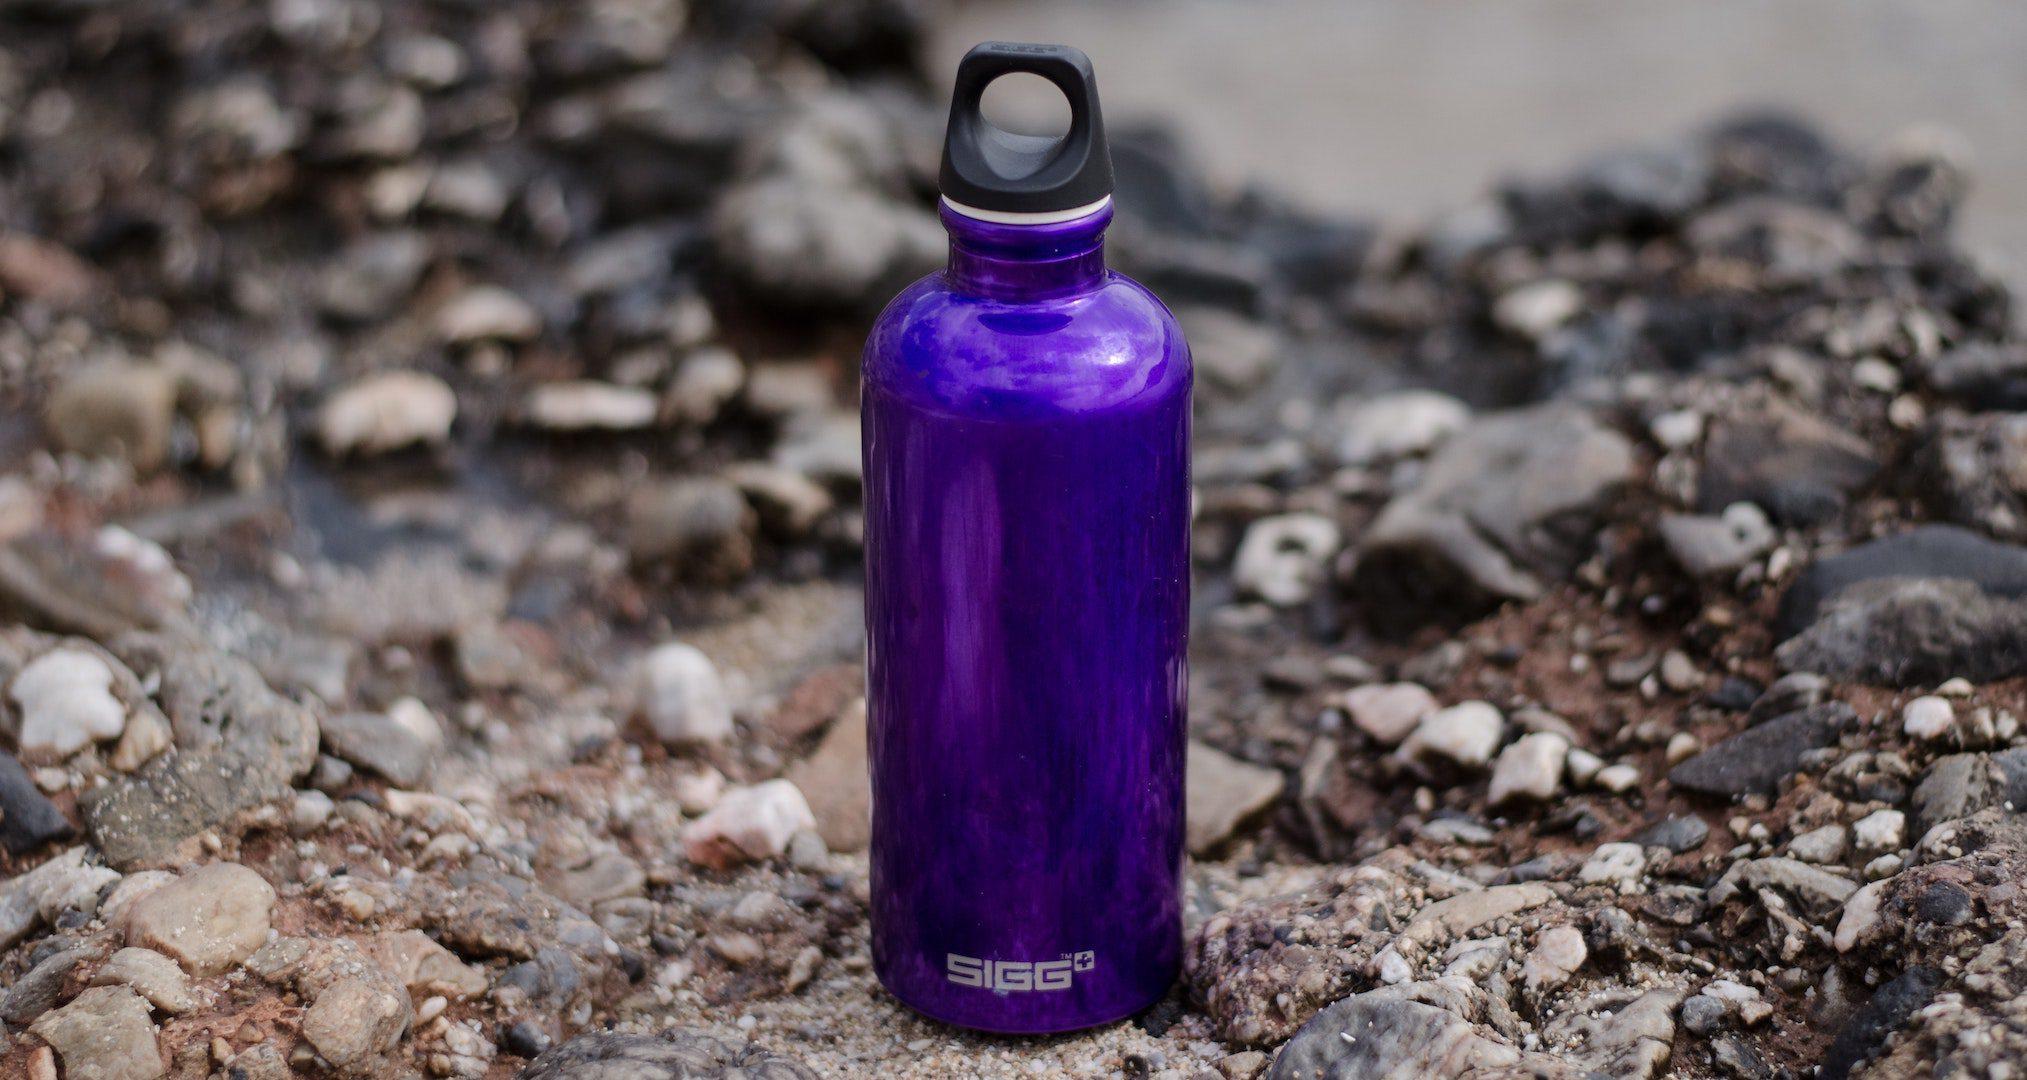 purple water bottle sitting on rocks